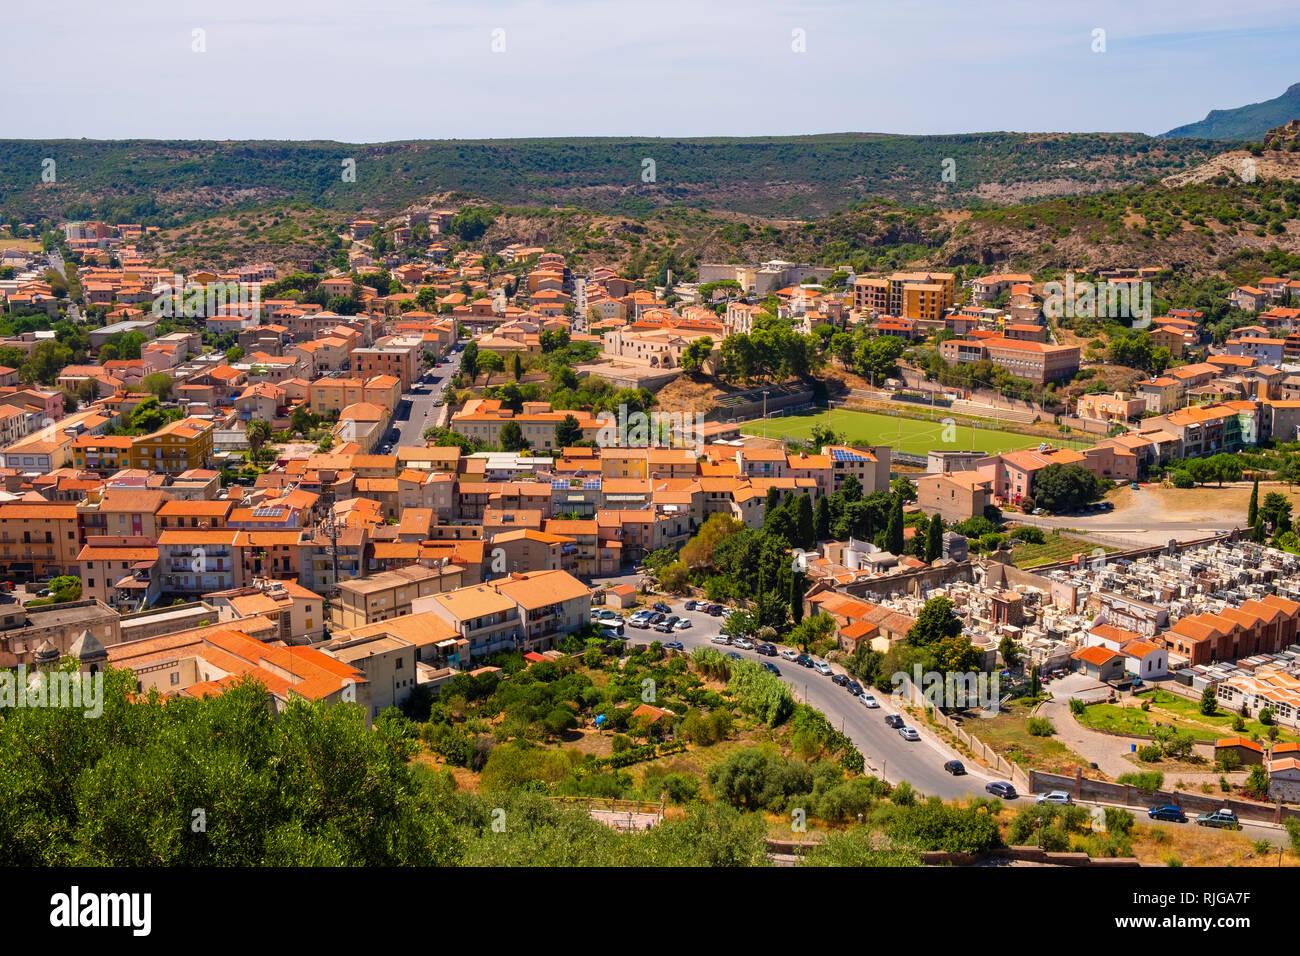 Bosa, Sardaigne / ITALIE - 2018/08/13: Vue panoramique de la ville de Bosa et collines environnantes vu de la colline du château de Malaspina Banque D'Images